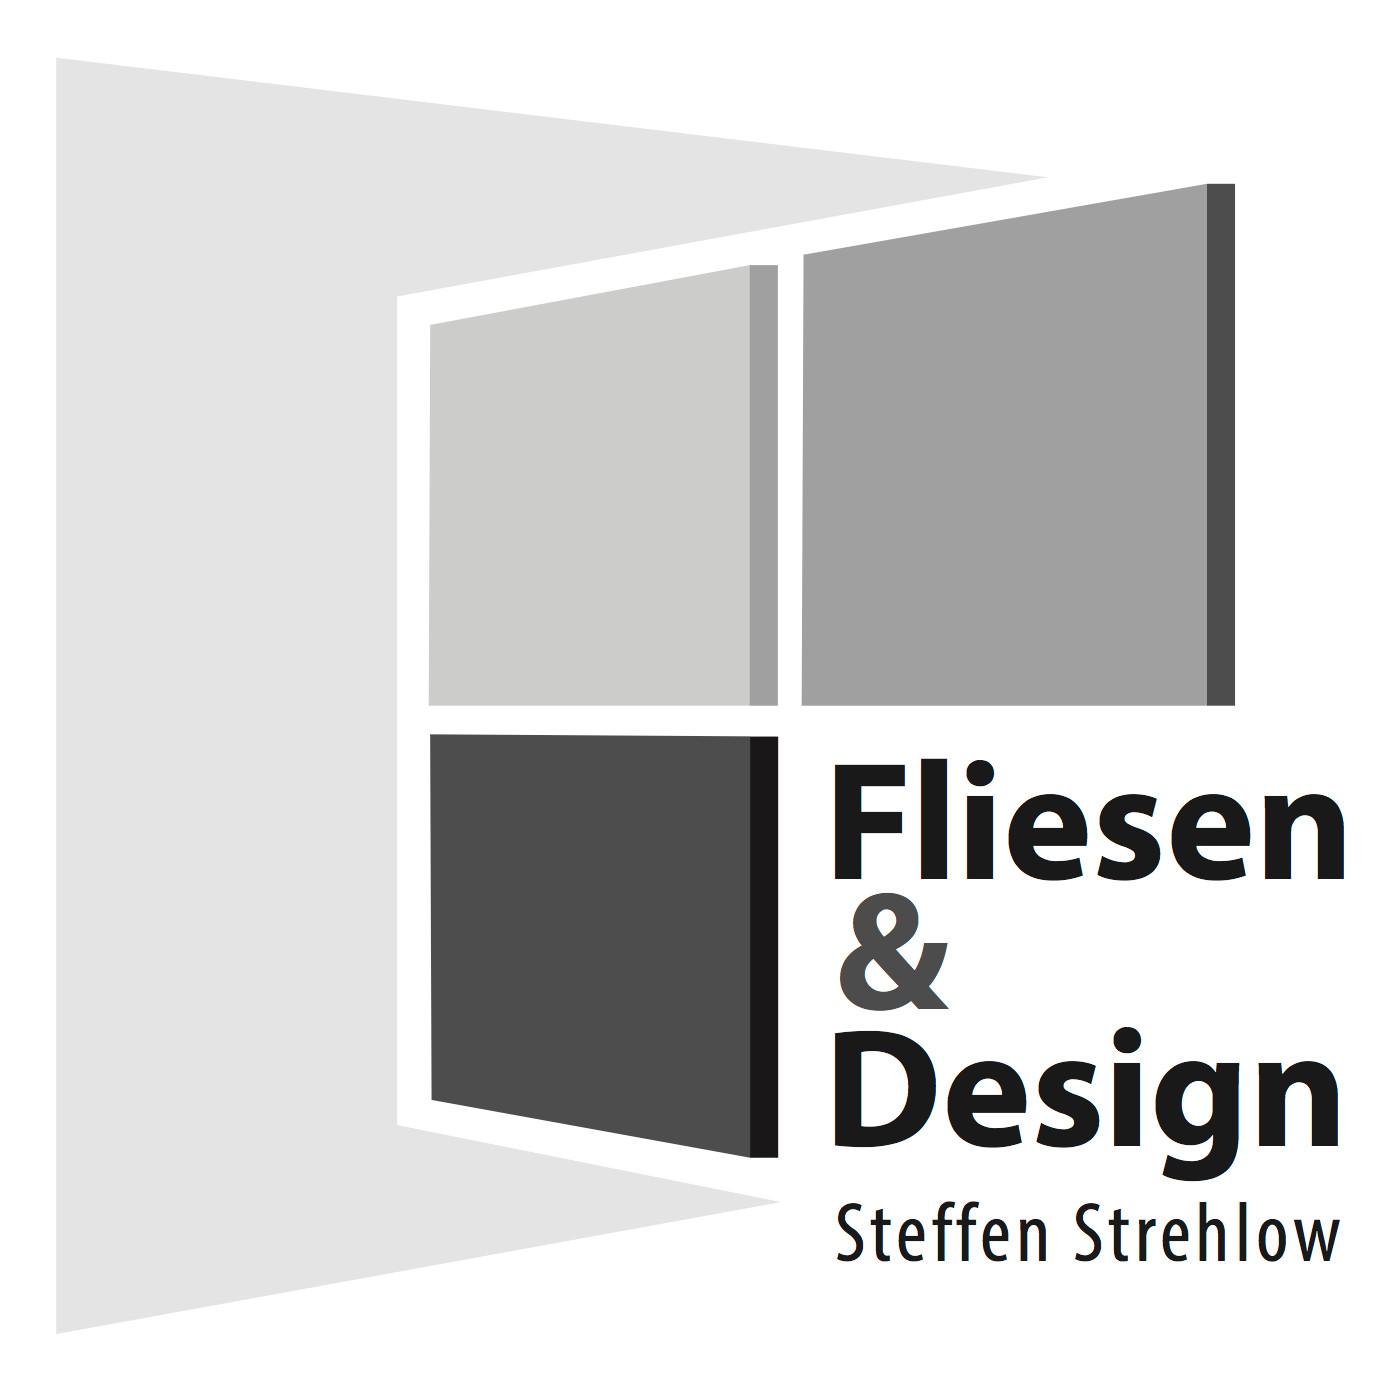 fliesen und design strehlow schwaigern. Black Bedroom Furniture Sets. Home Design Ideas